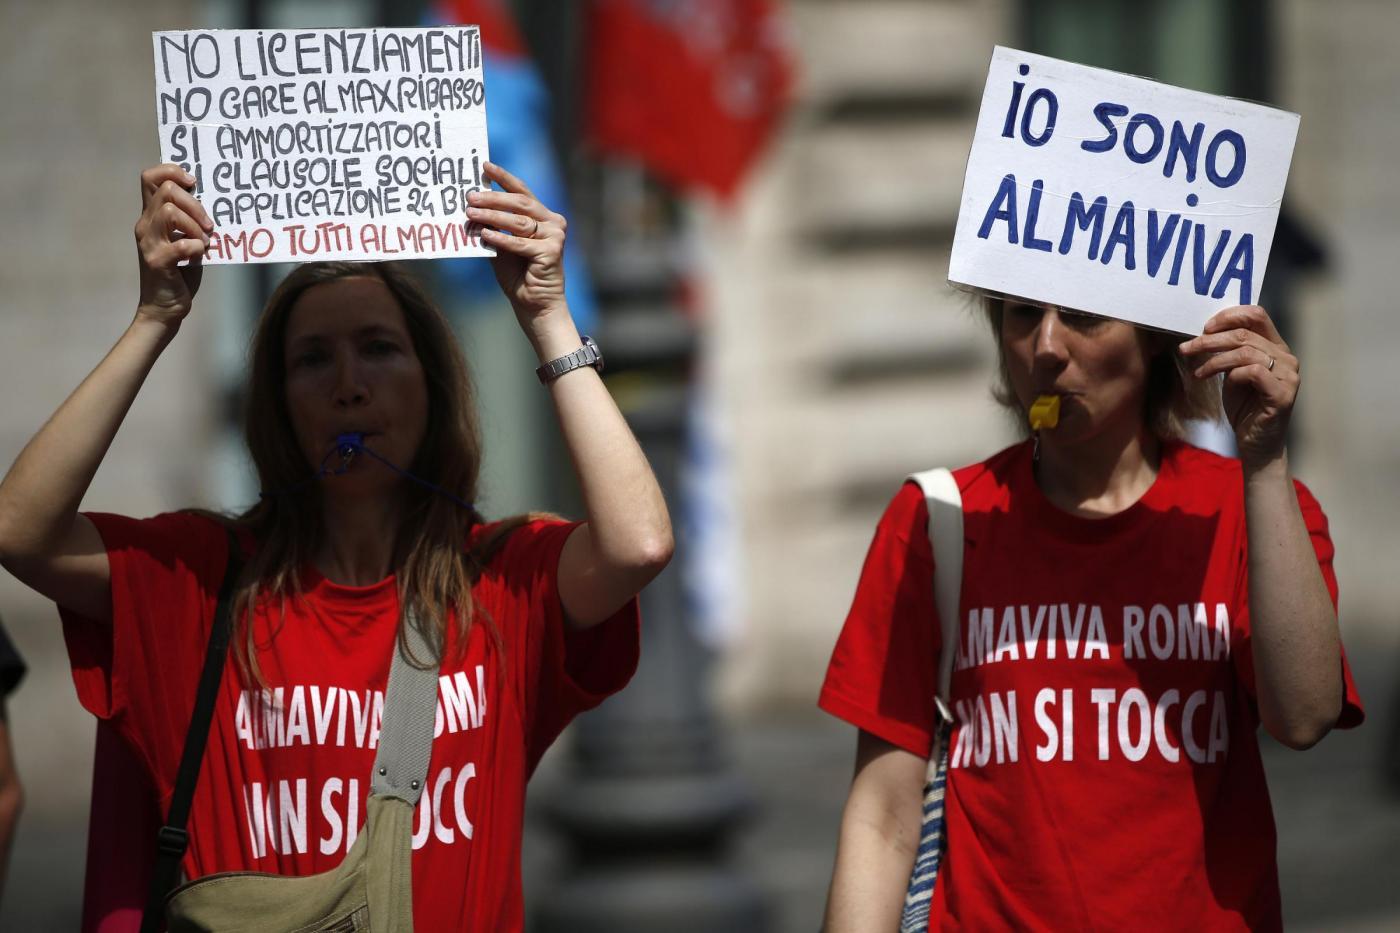 Manifestazione dei lavoratori Almaviva a Piazz a Santi Apostoli